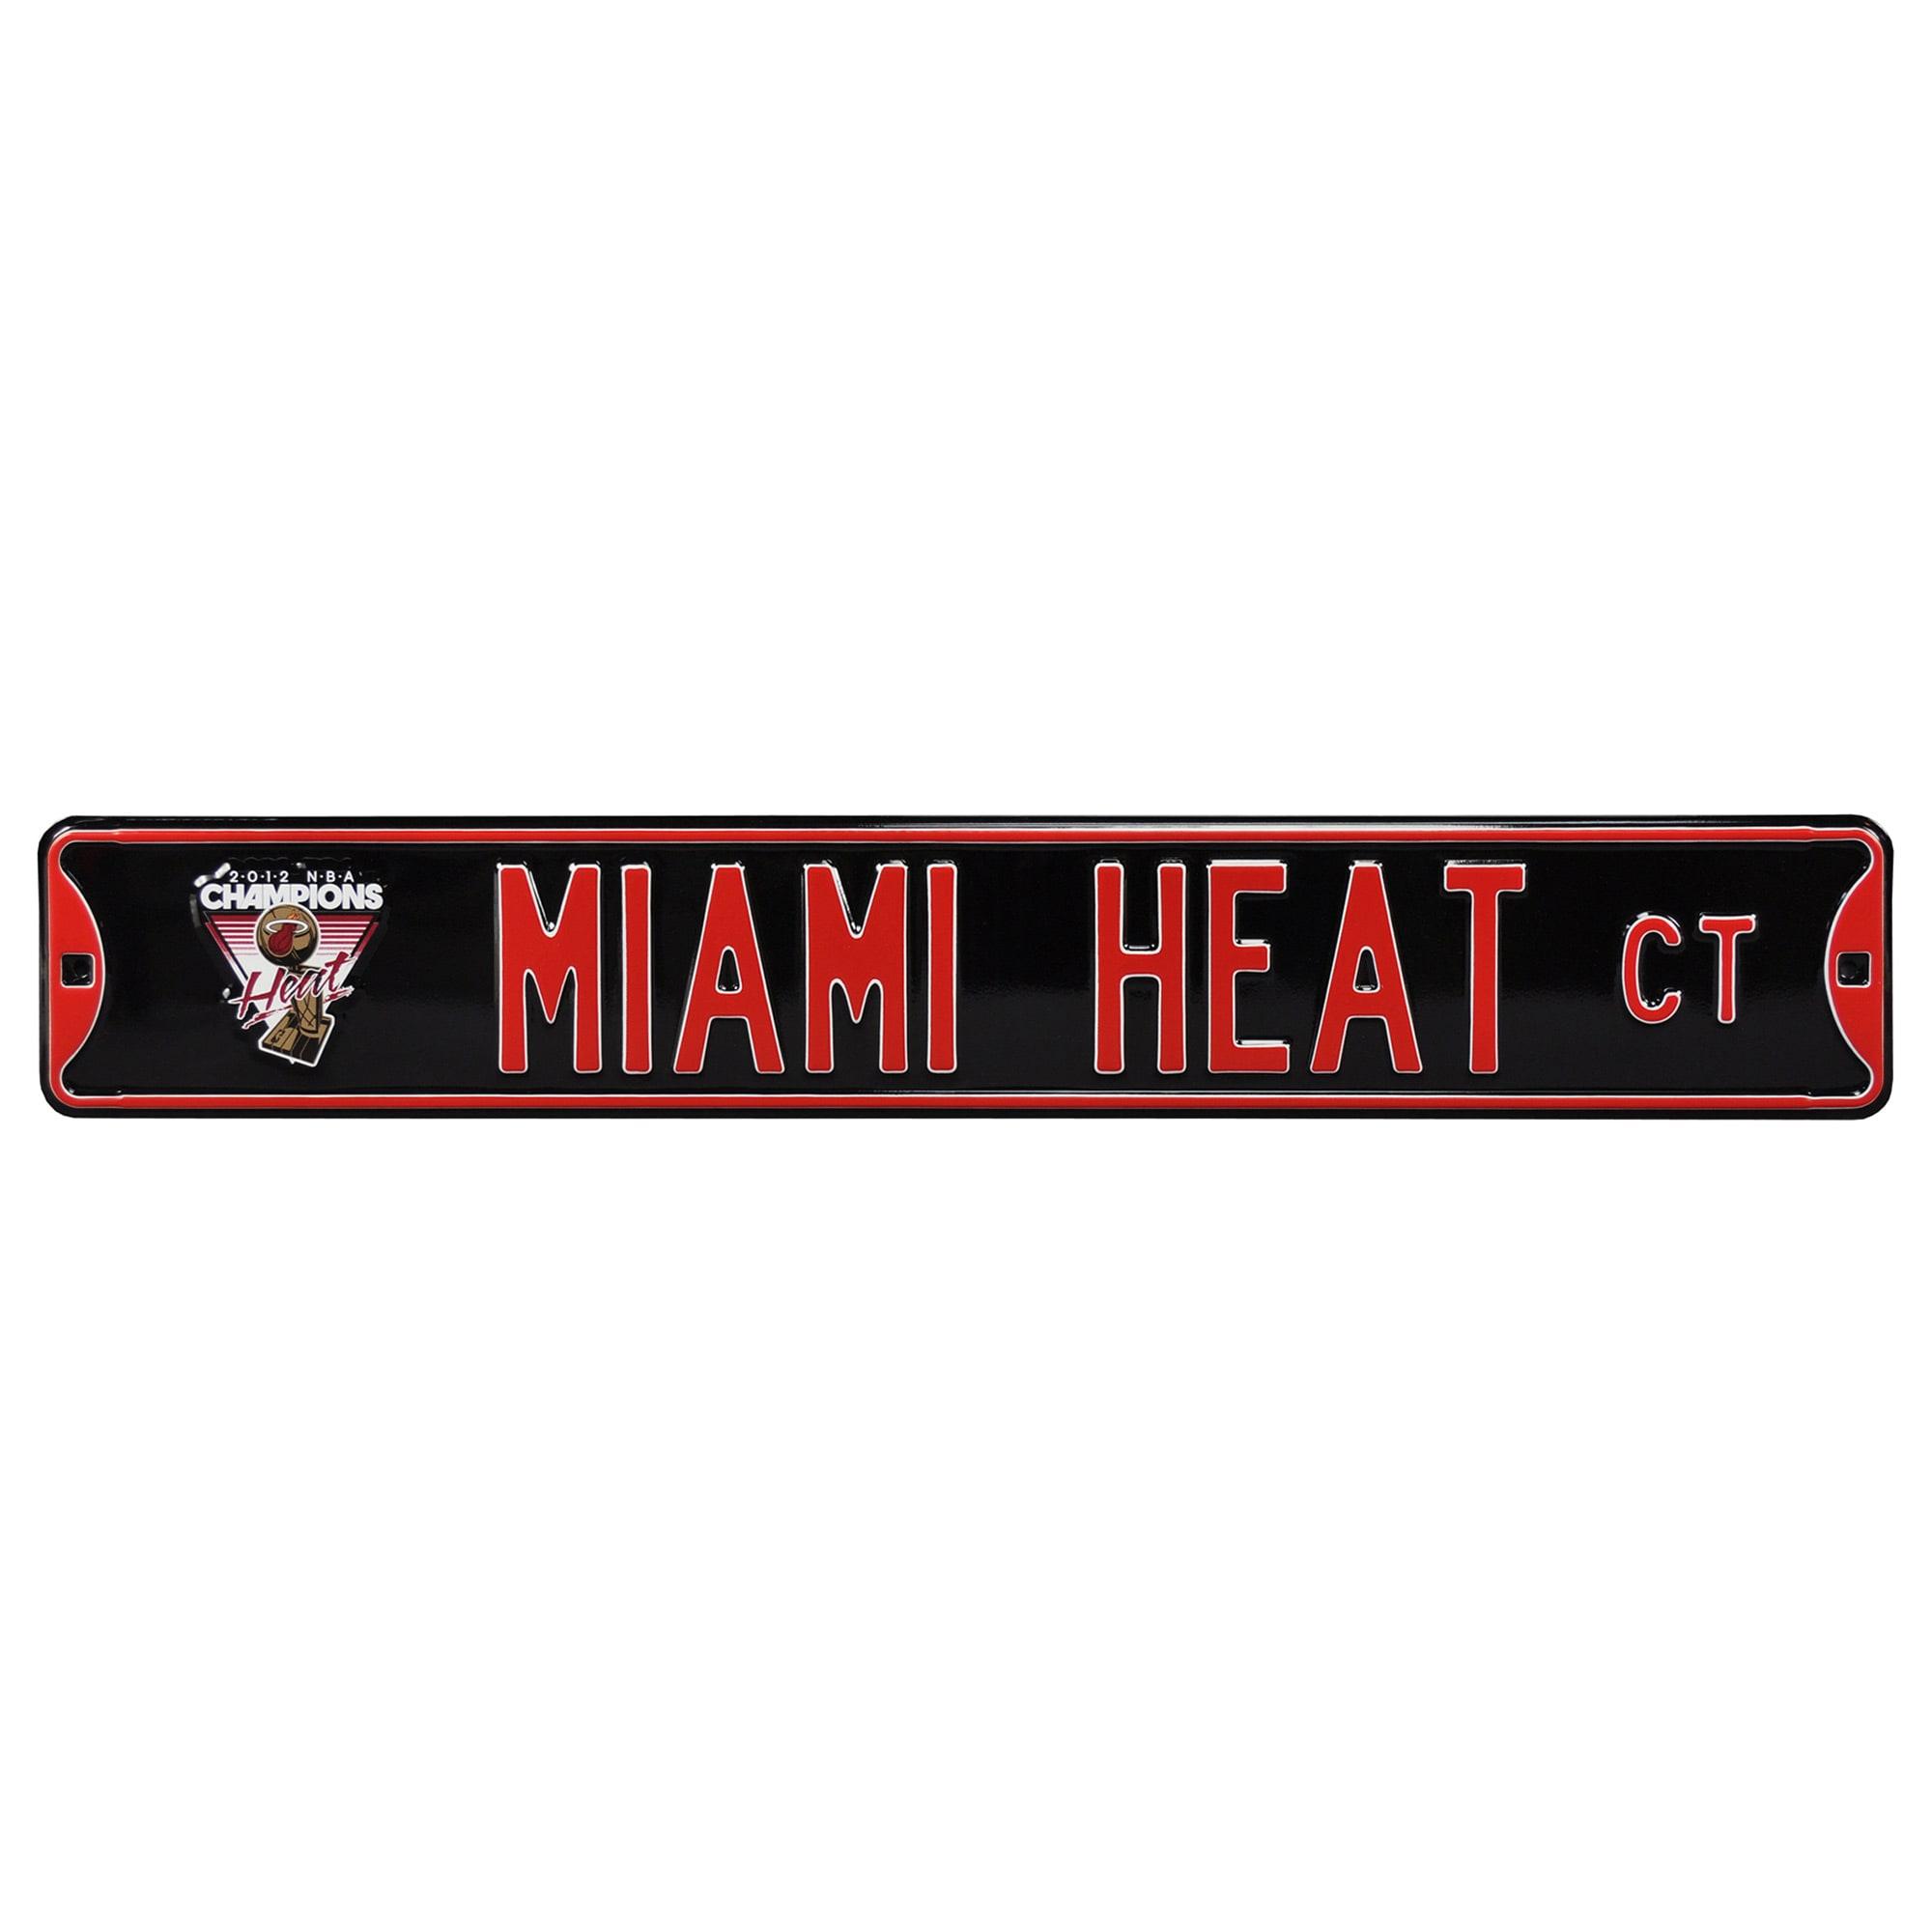 Miami Heat 2012 NBA Finals Champions Steel Street Sign